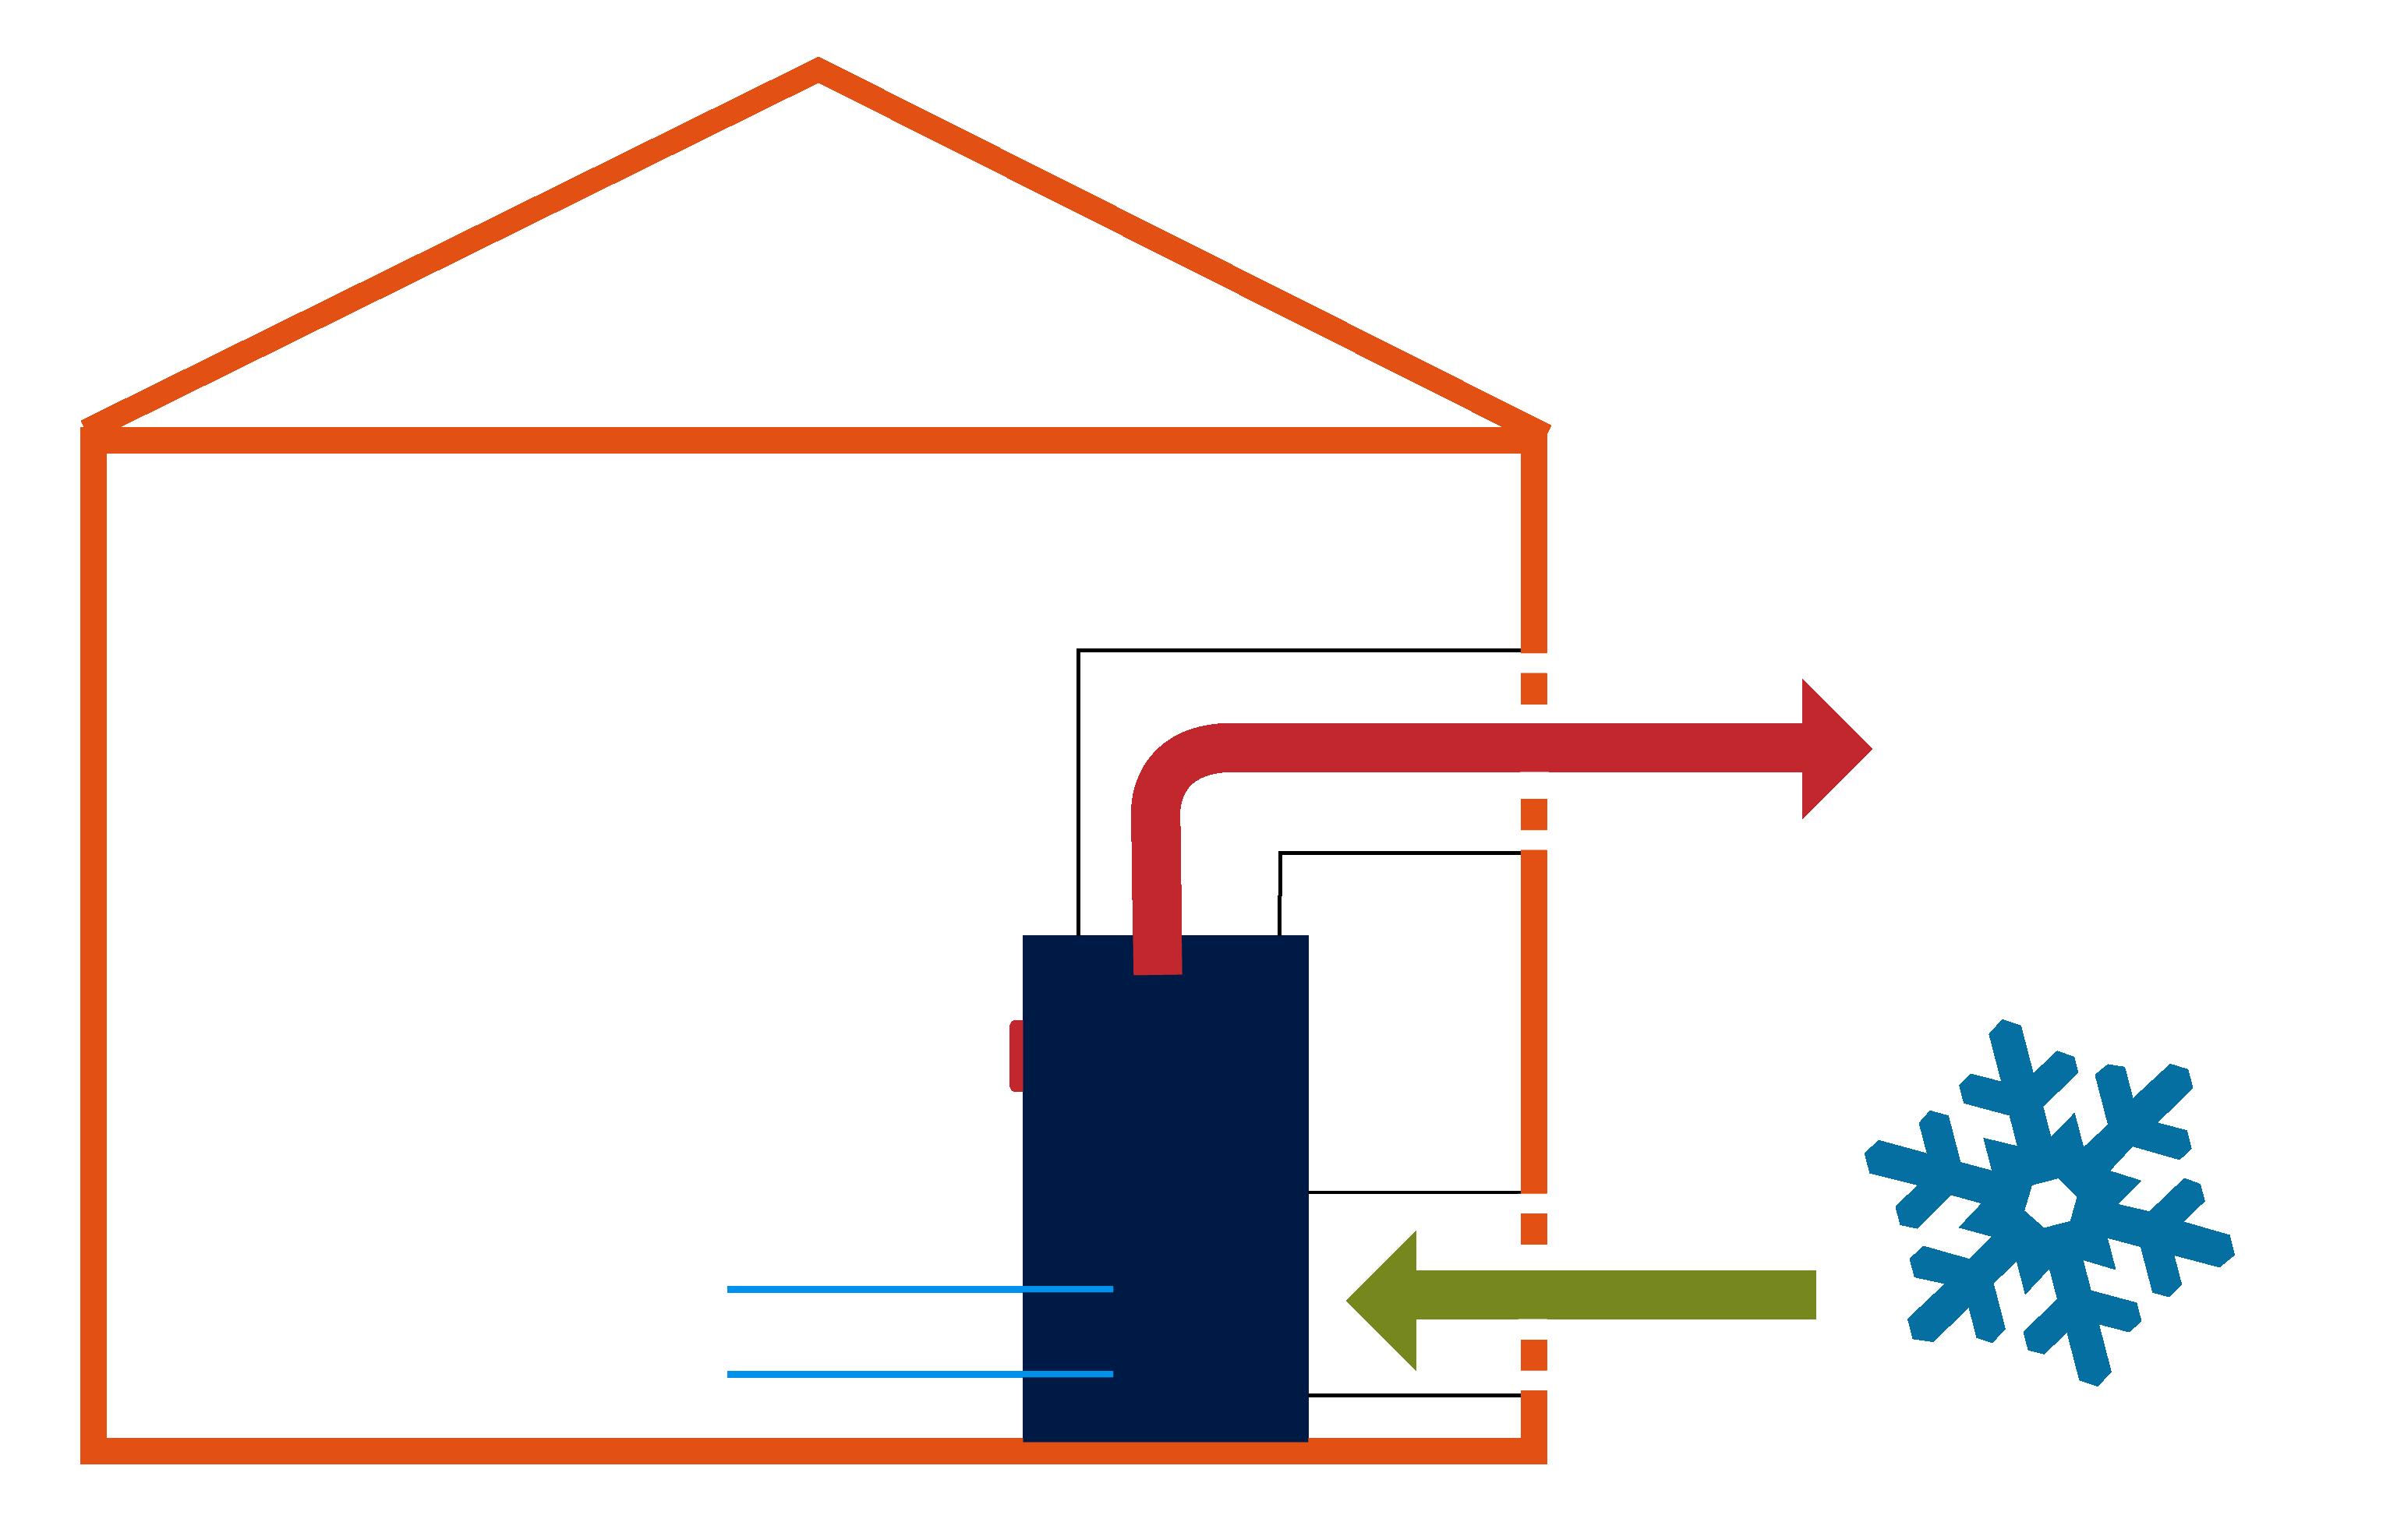 Luftgekühlt Innen mit Freier Kühlung